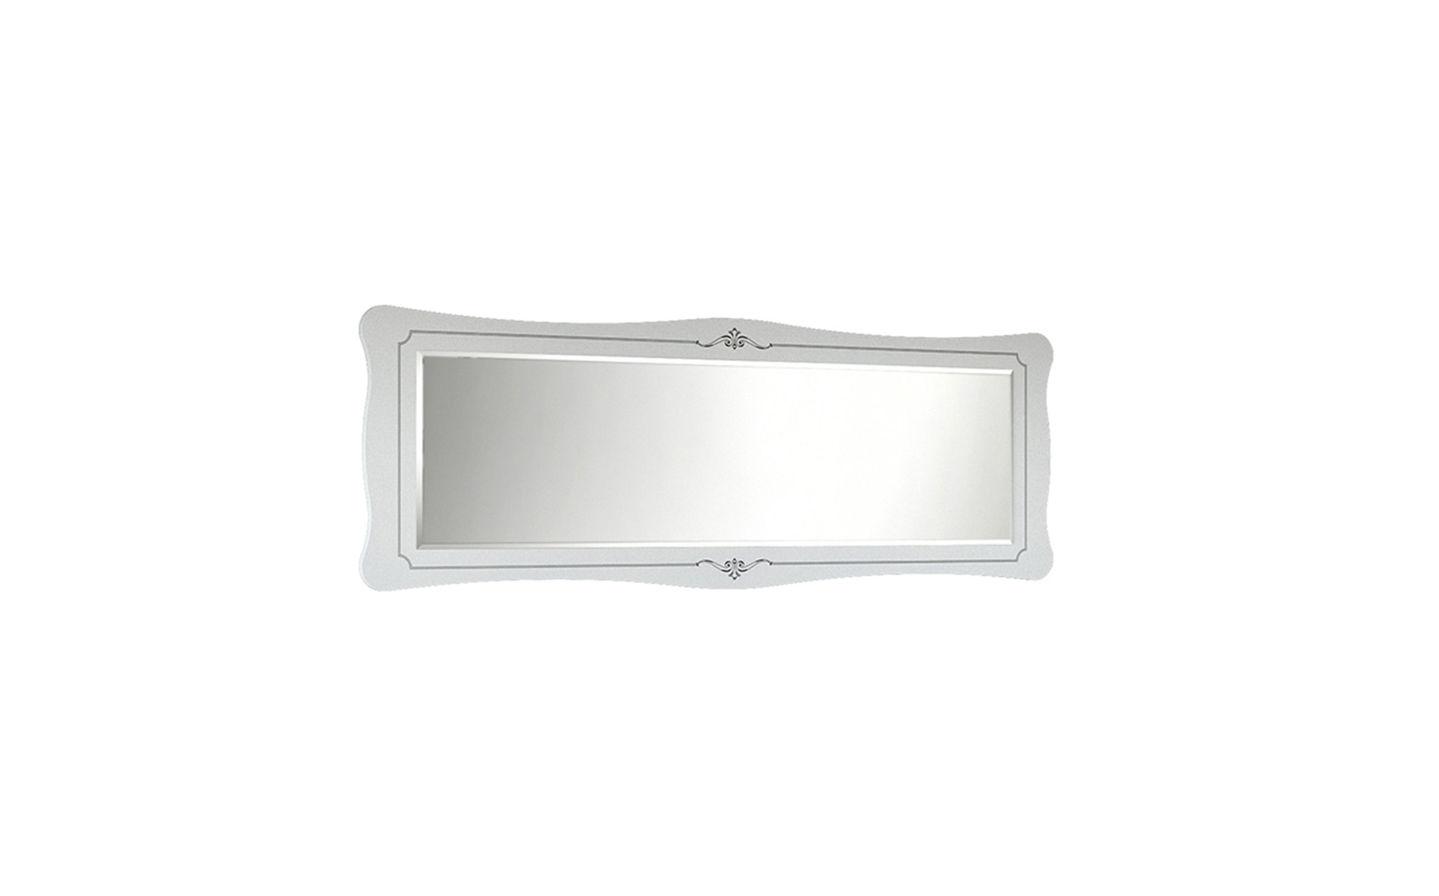 Alaçatı Konsol Ayna